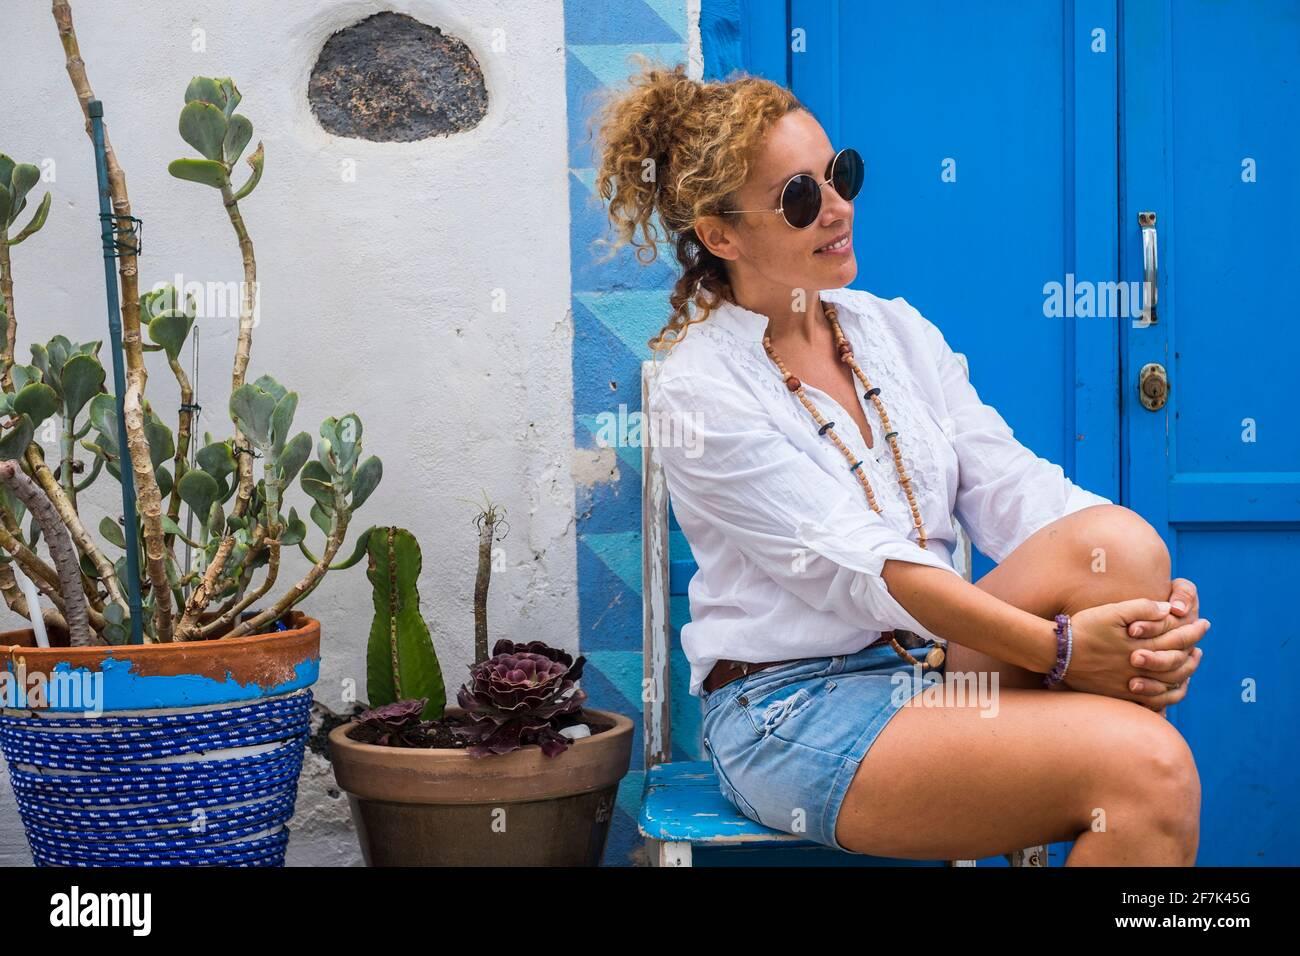 Belle femme s'asseoir à l'extérieur de la maison et se détendre - à la mode femmes en détente activités de loisirs en plein air avec porte bleue et maison en arrière-plan Banque D'Images